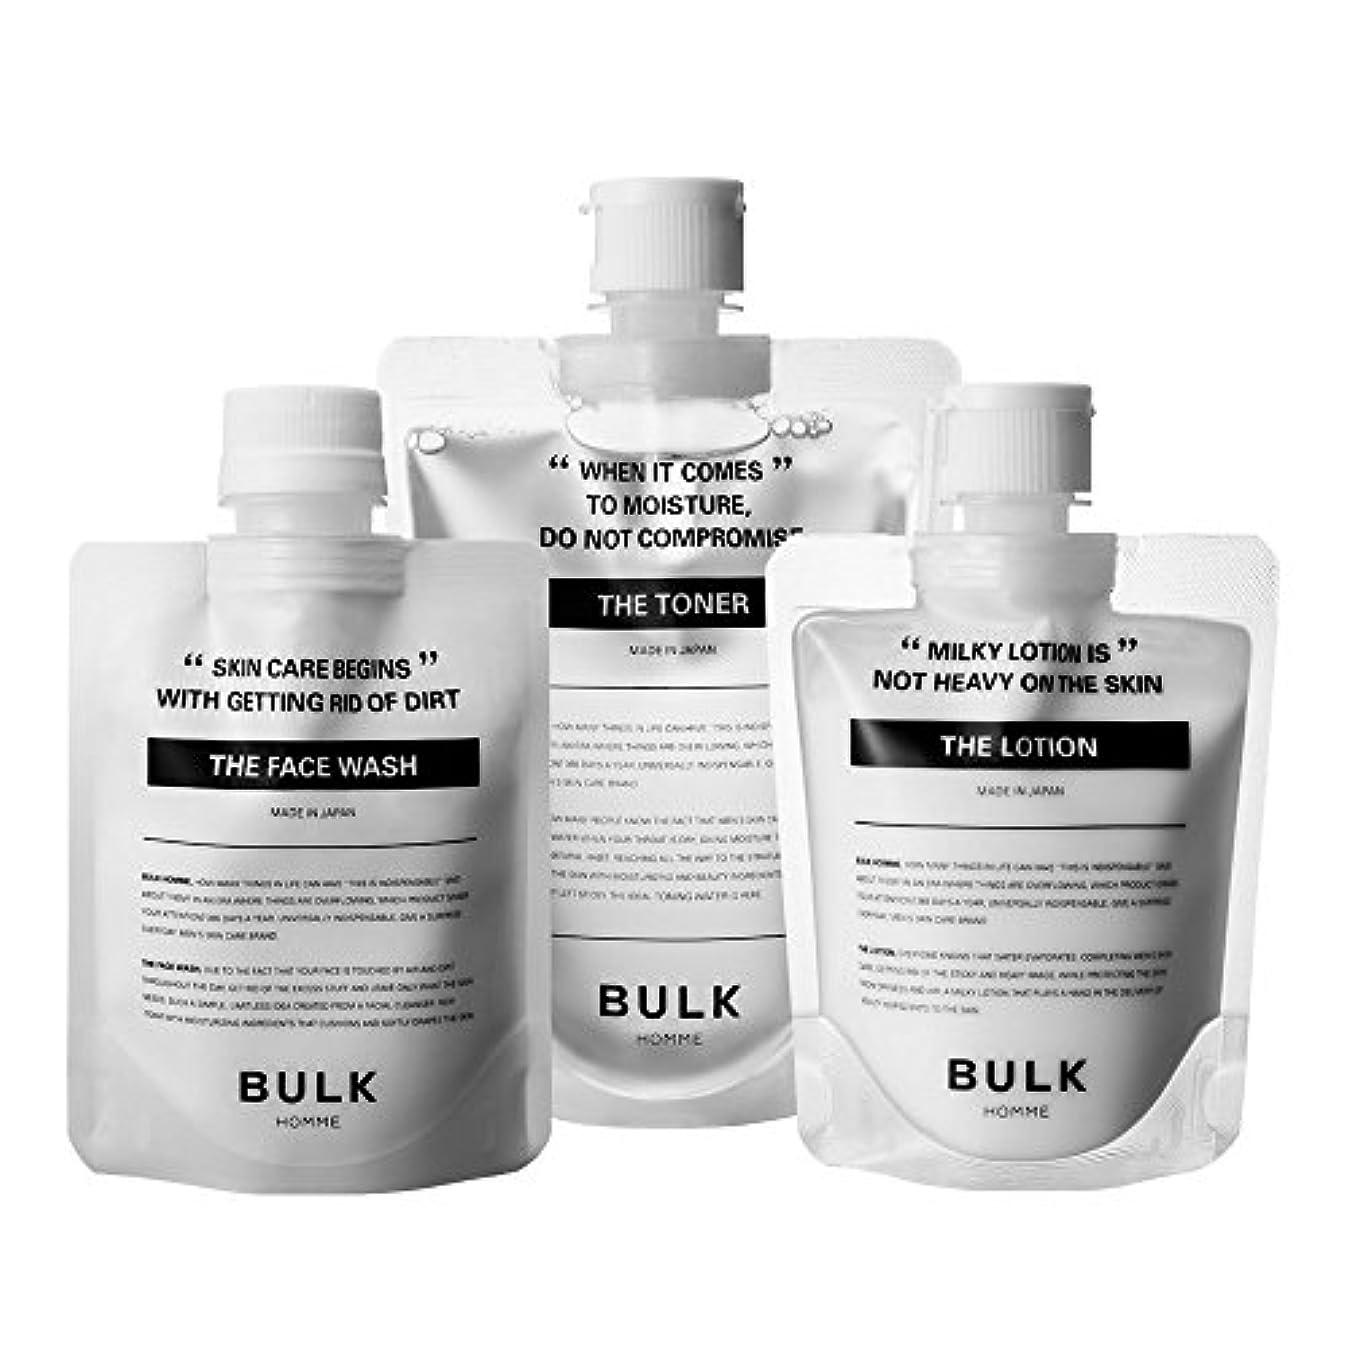 電化するかみそり葬儀バルクオム (BULK HOMME) バルクオム フェイスケアセット(メンズスキンケア) 洗顔&化粧水&乳液 プレゼント袋なし